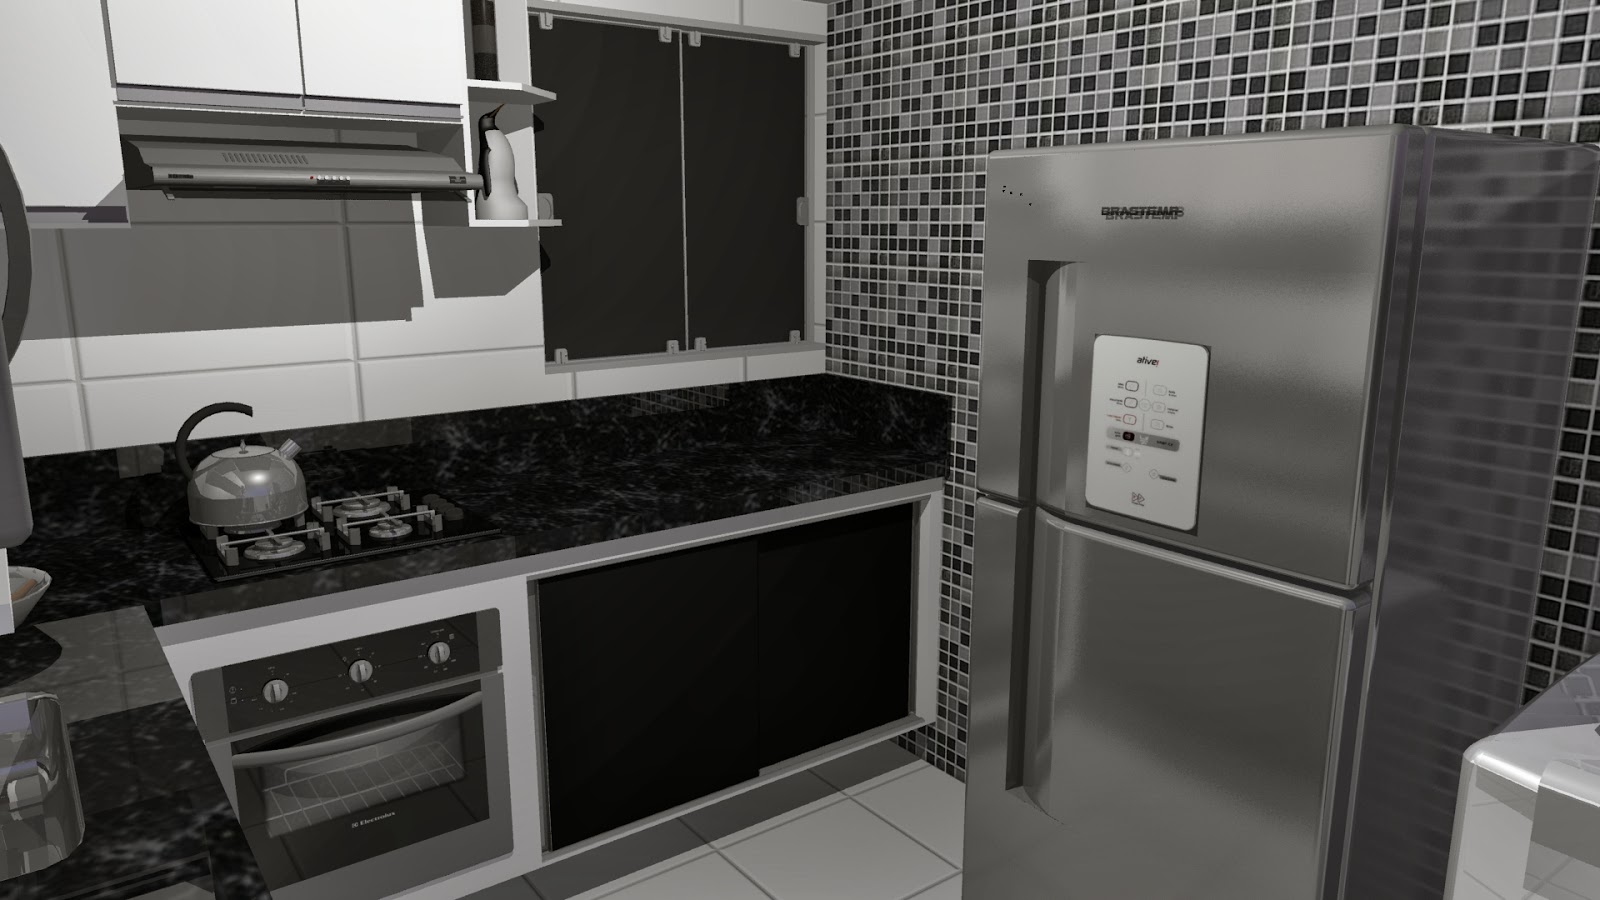 #2C2B29  Campi Designer de interiores: Projeto Cozinha tipo Americana 1600x900 px Projeto De Armario Embutido Para Cozinha_4459 Imagens